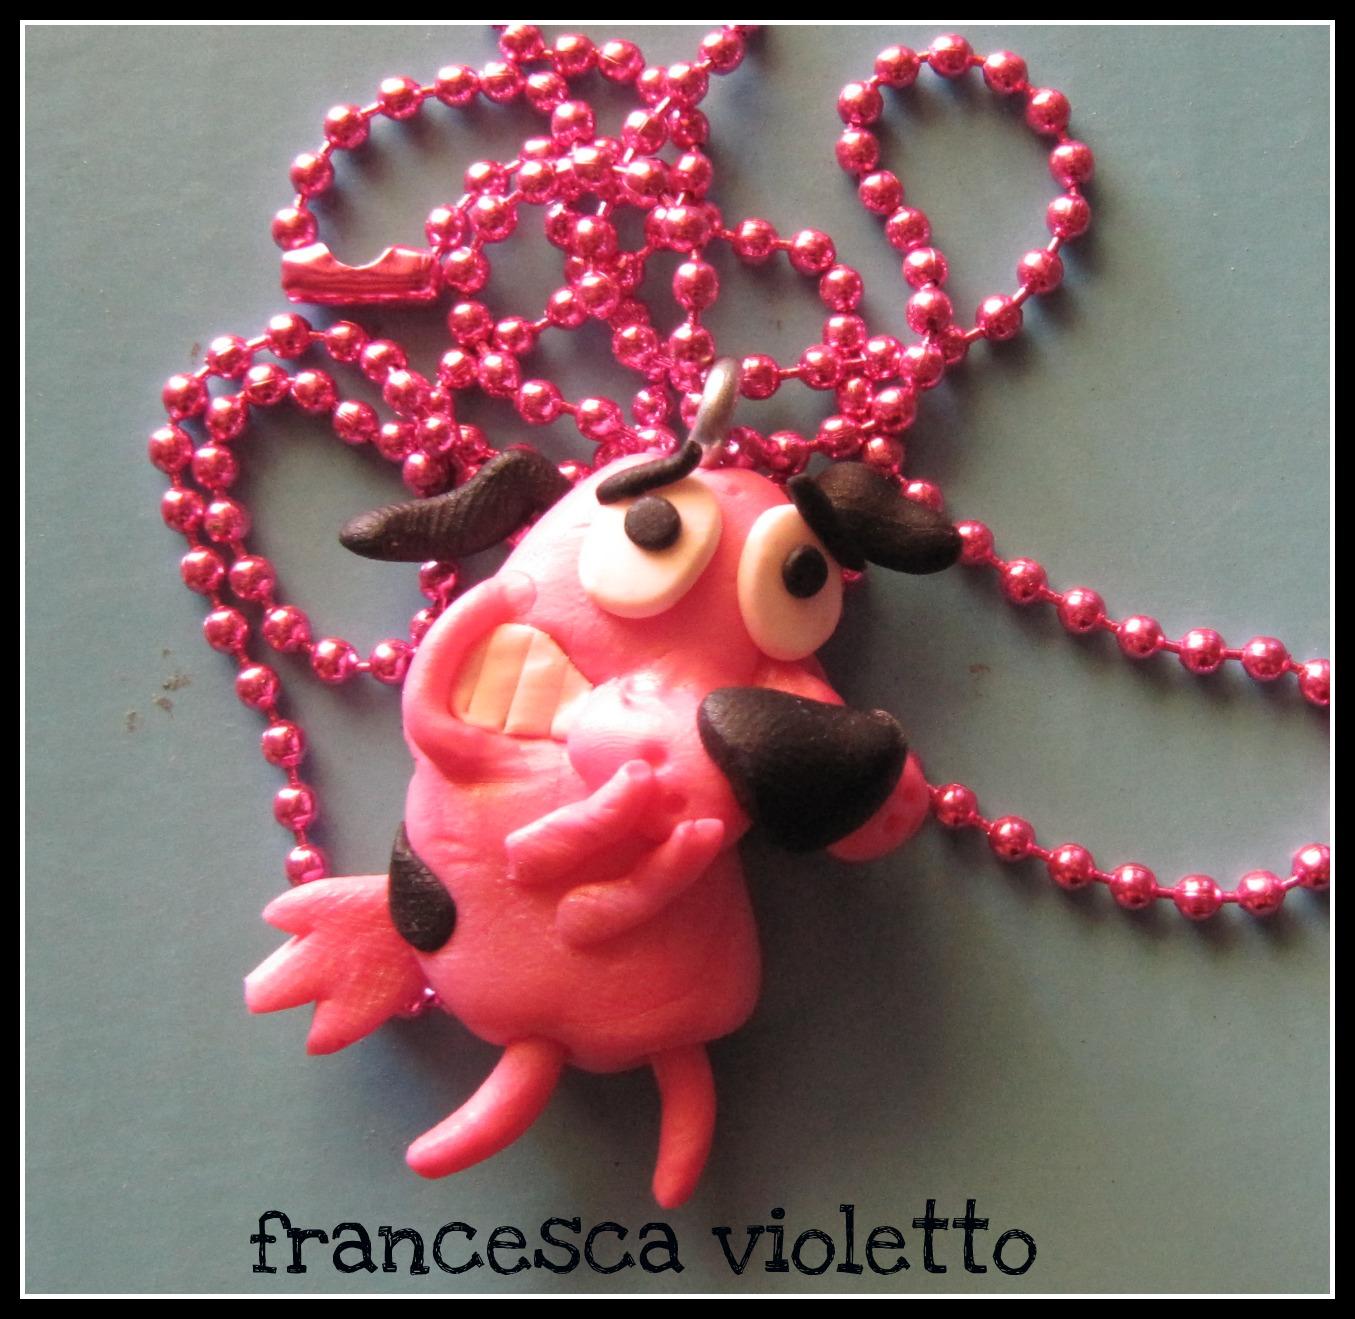 Francesca violetto arte personaggi dei cartoni animati e